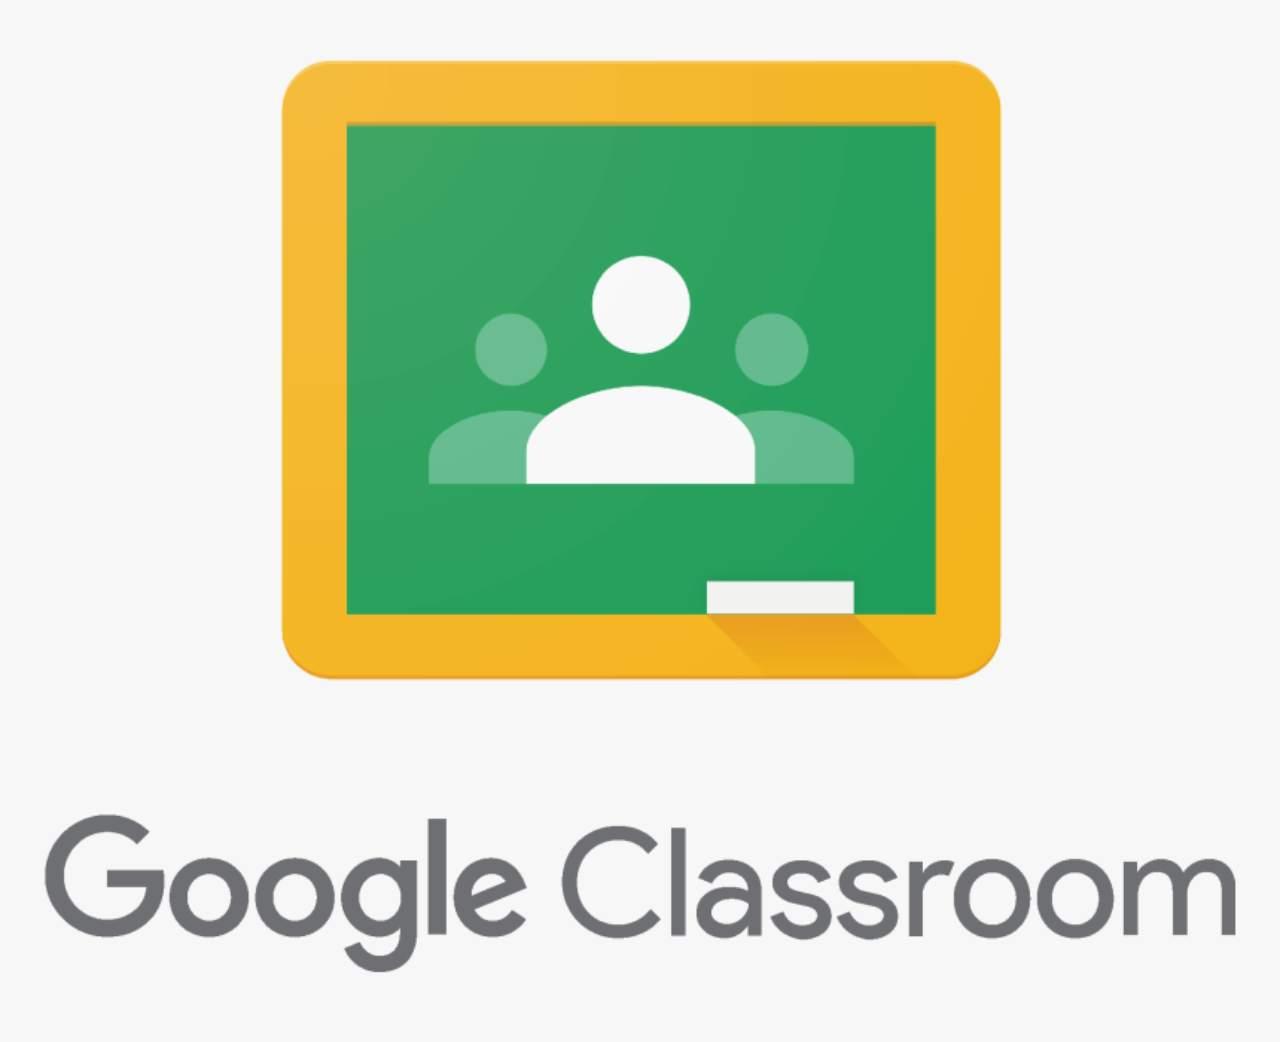 Google Classroom, come funziona l'app per la didattica a distanza